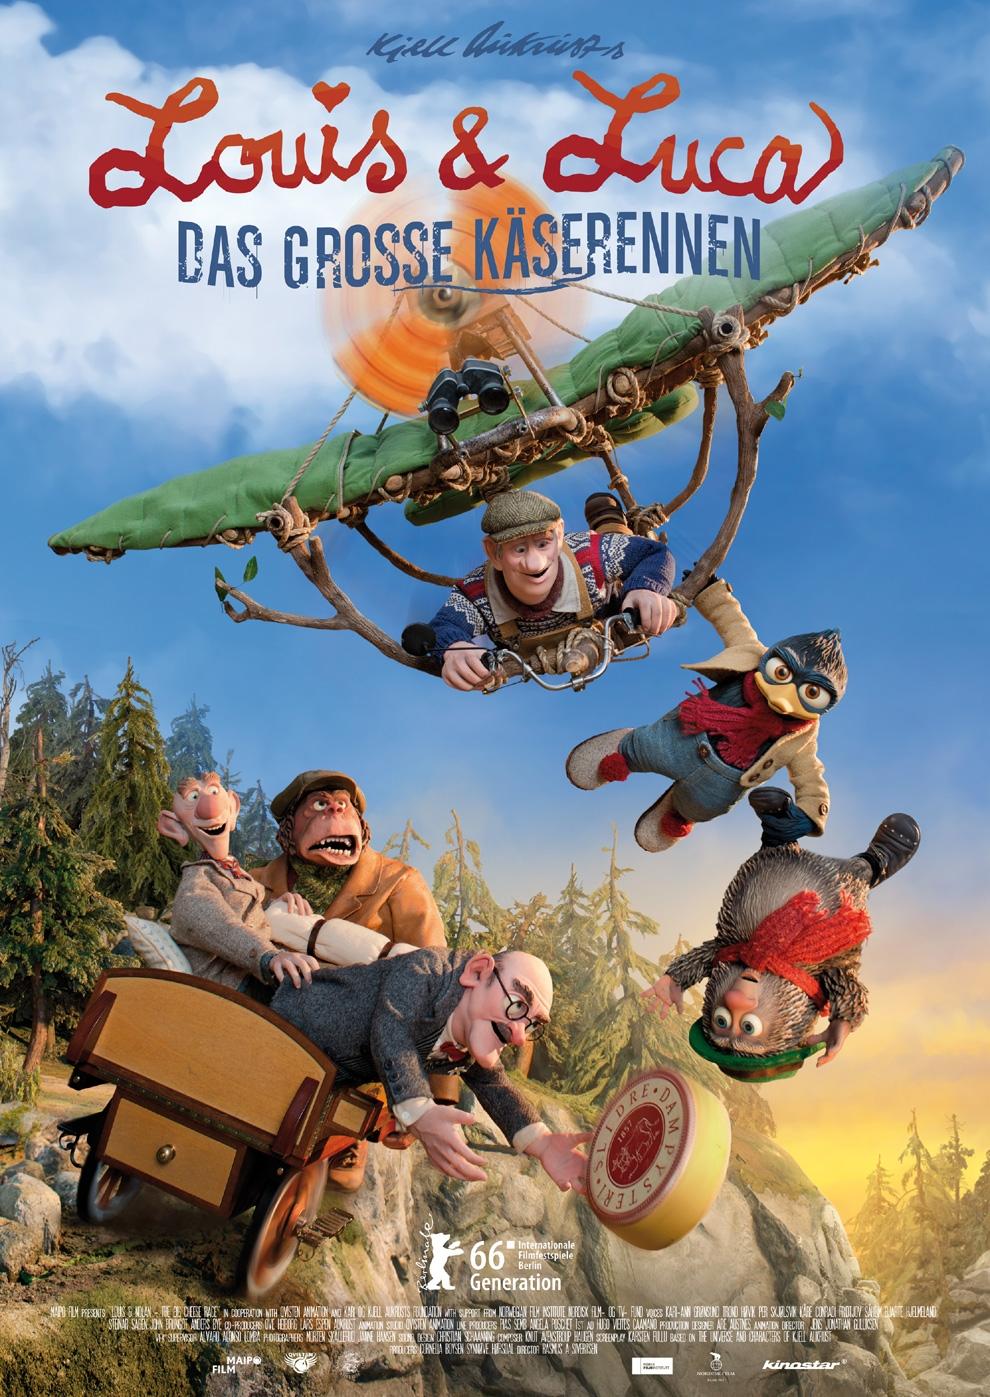 Louis & Luca - Das große Käserennen (Poster)